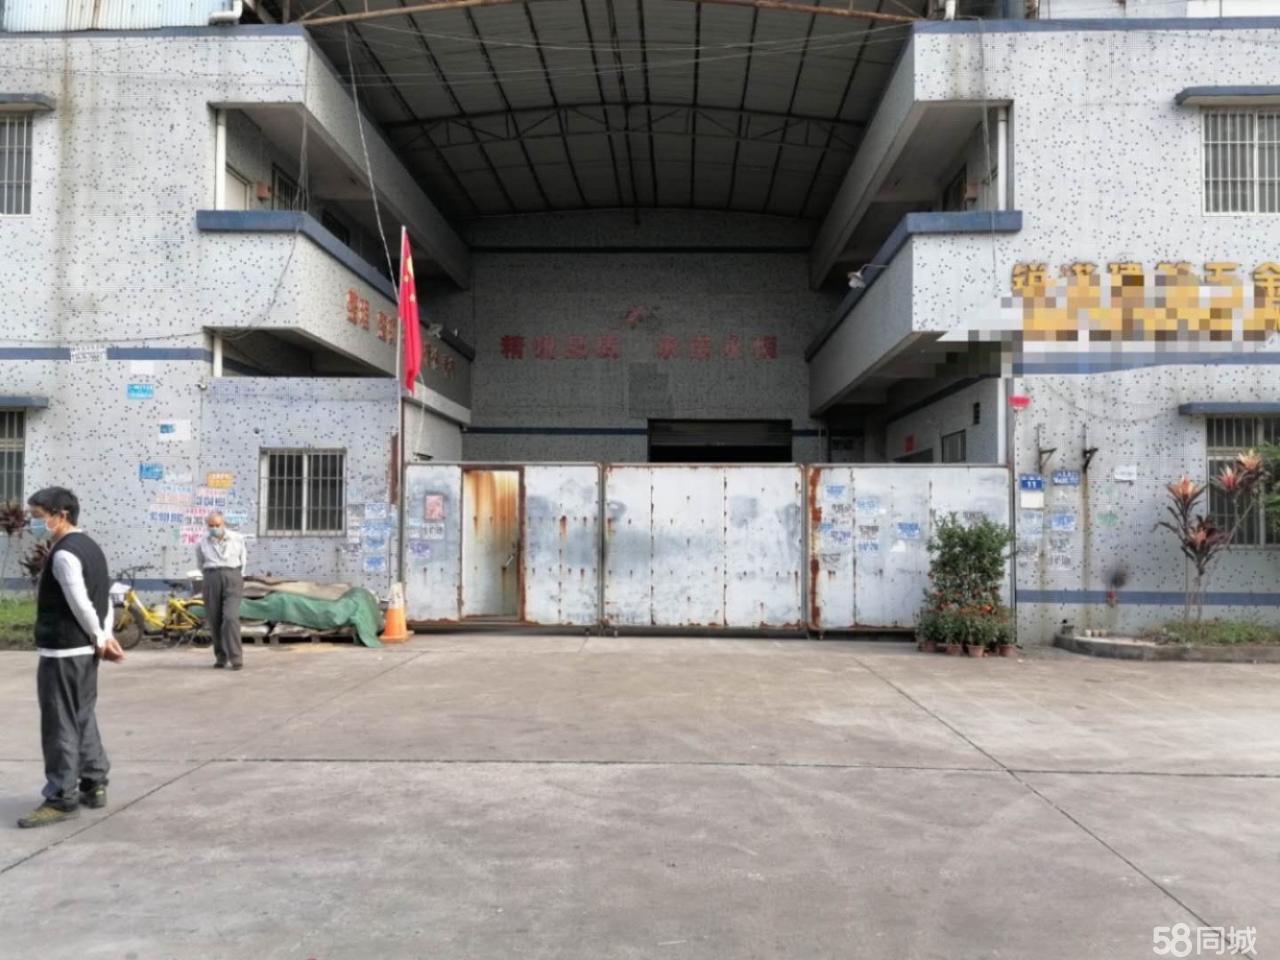 佛山市原房东单一层砖墙到顶厂房招租,有牛腿,厂房方正实用。